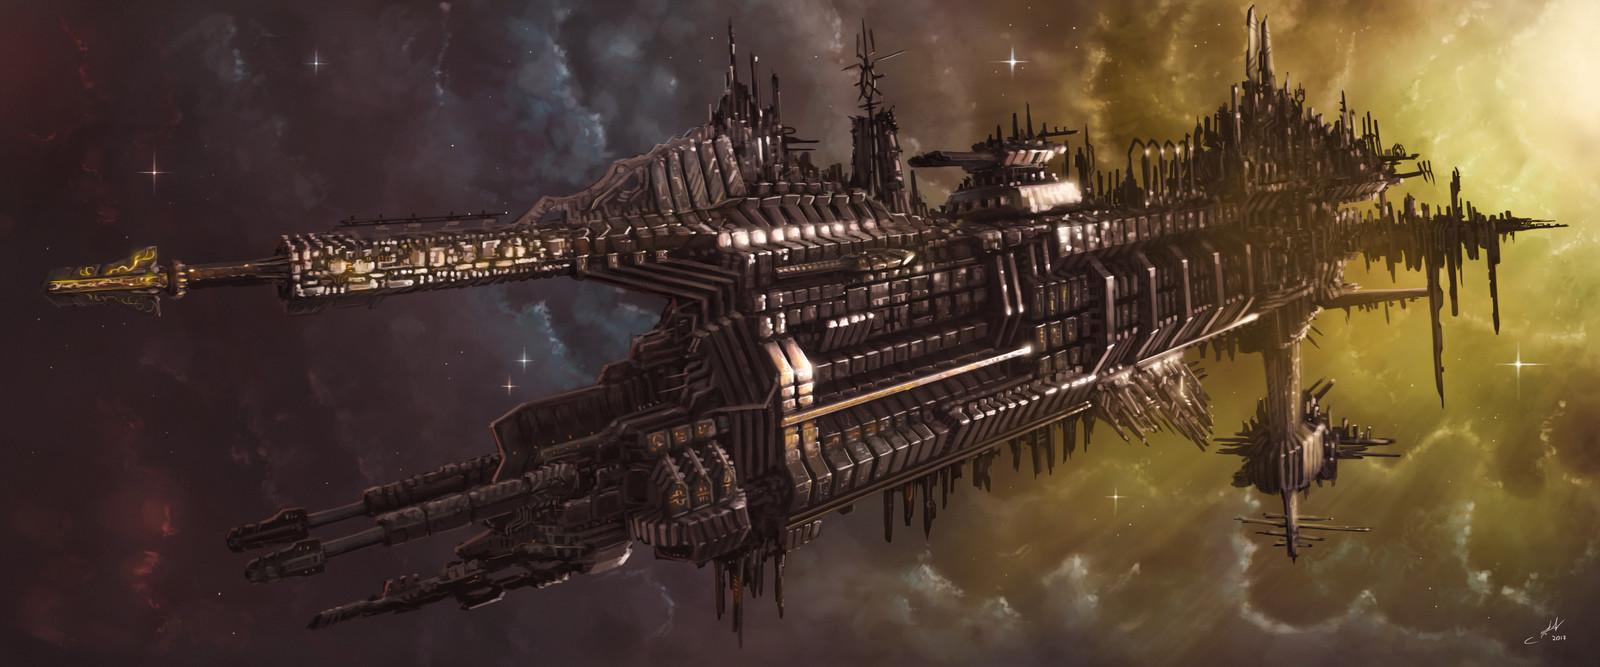 Epic Spaceship